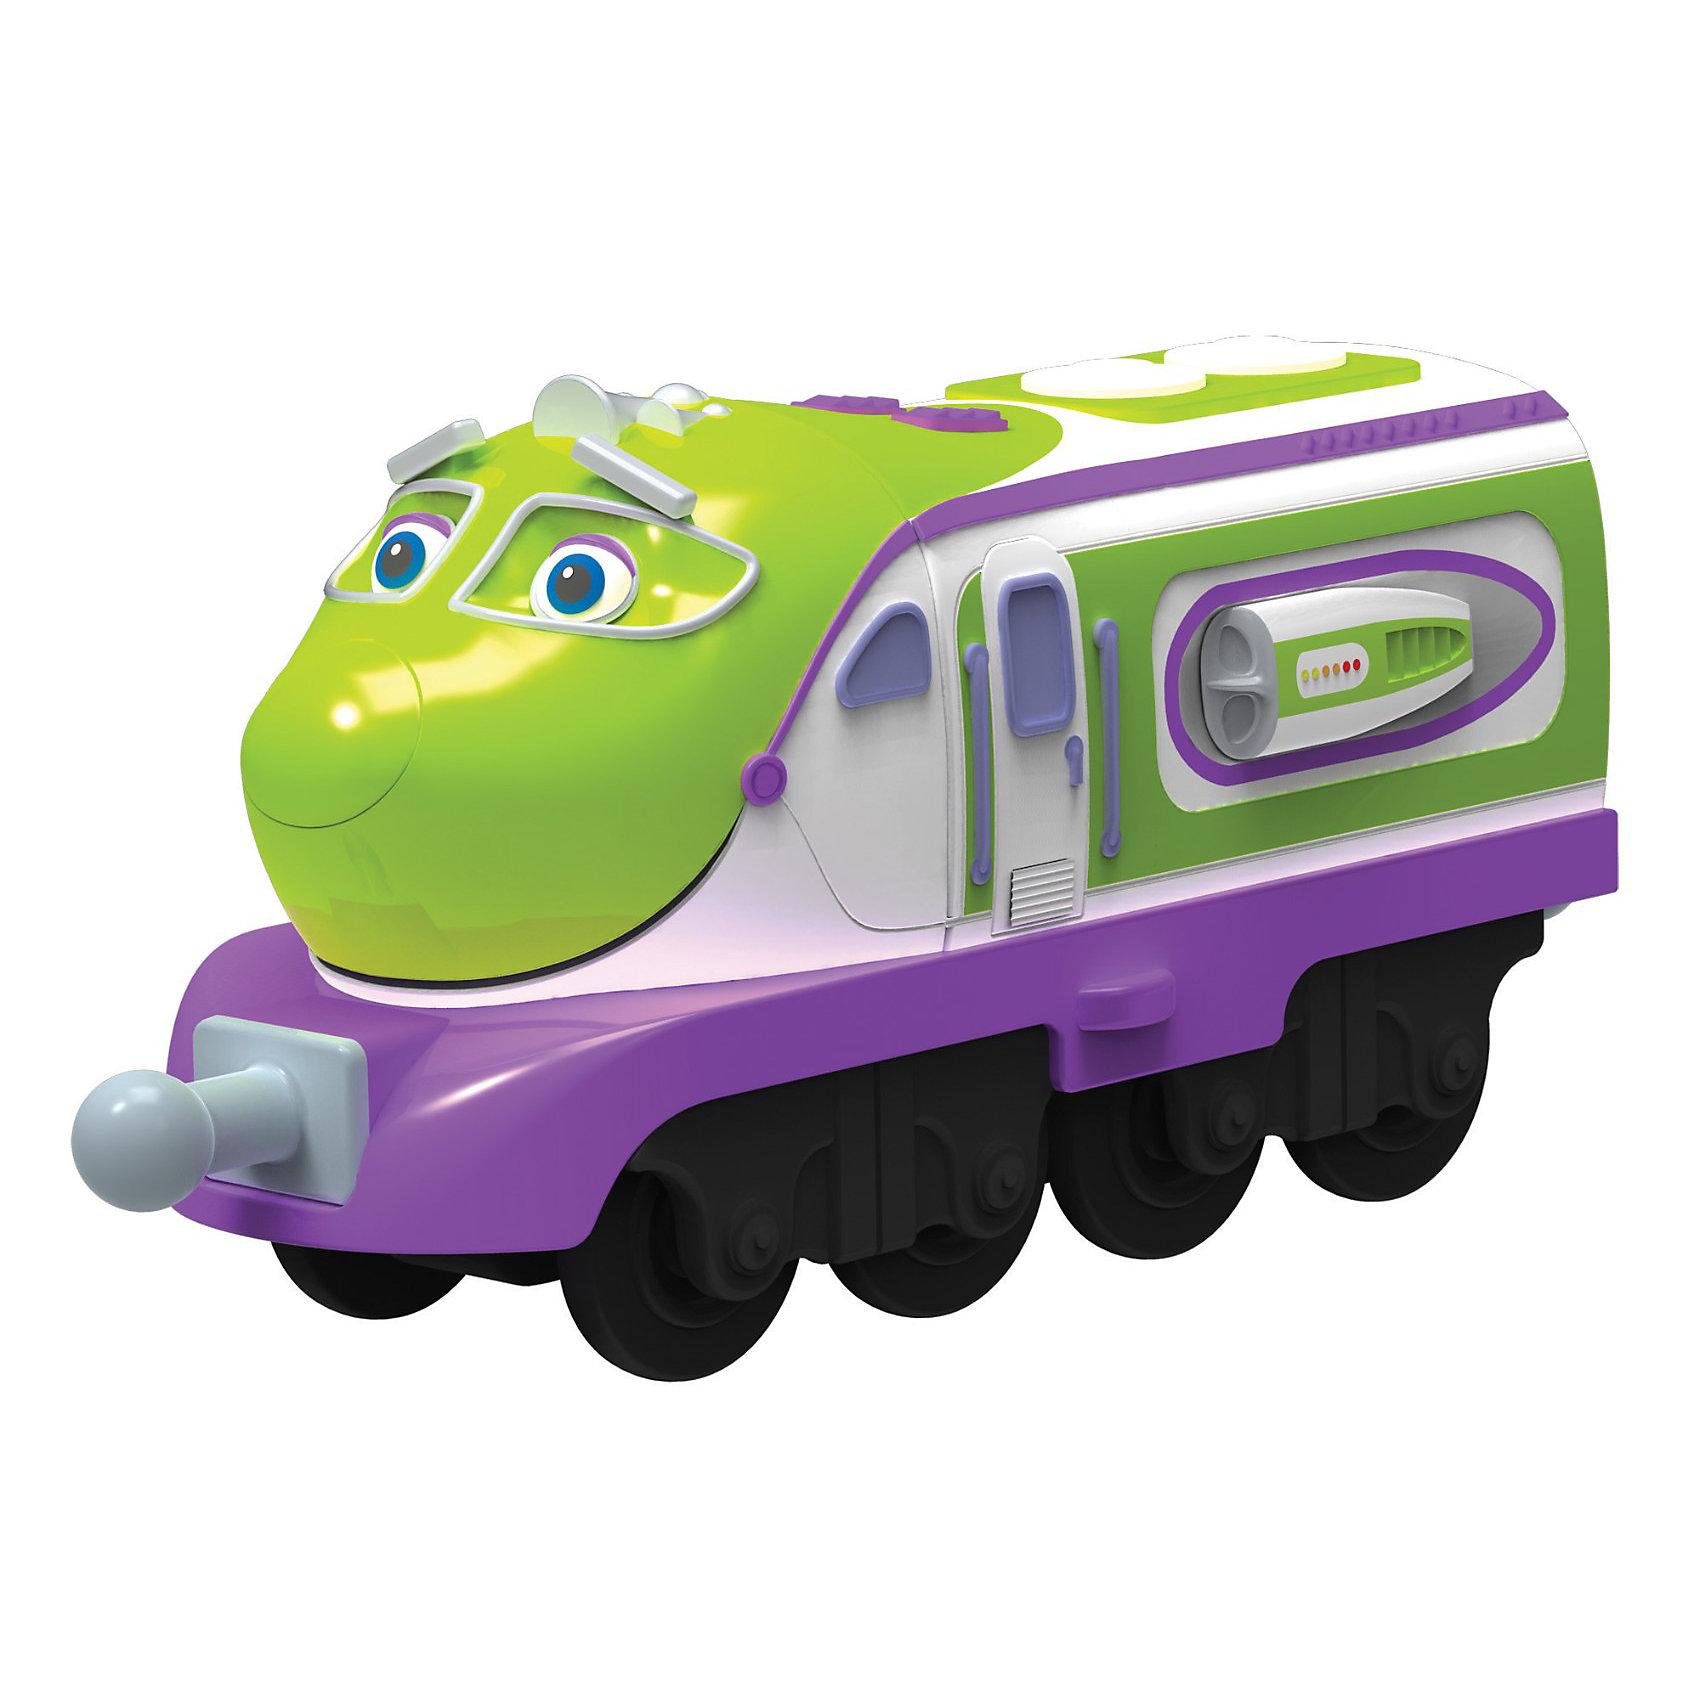 Паровозик Чаггинсоник Коко, ЧаггингтонЧаггингтон<br>Паровозик Чаггинсоник Коко, Чаггингтон – яркий паровозик, созданный по мотивам мультсериала «Веселые паровозики из Чаггингтона».<br><br>Чаггинсоник Коко – самый быстрый паровозик-стажер из известного мультфильма. К тому же один из самых красивых. А как же иначе? Ведь Коко – это девочка! К паровозику можно прикрепить другие вагончики. Паровозик Коко выполнен из качественных и безопасных материалов, без острых углов, а значит безопасен для самых маленьких любителей паровозиков. У Коко ручное управление, инерционный ход. <br><br>Дополнительная информация:<br><br>- Размер упаковки: 17х4х14 см <br>- Размер паровозика: 8х3х5 см <br>- Вес: 100г<br><br>Паровозик Чаггинсоник Коко, Chuggington порадует Вашего ребенка, поможет развитию мелкой моторики, мышления и воображения. <br><br>Паровозик Чаггинсоник Коко, Чаггингтон можно купить в нашем магазине.<br><br>Ширина мм: 172<br>Глубина мм: 139<br>Высота мм: 32<br>Вес г: 91<br>Возраст от месяцев: 36<br>Возраст до месяцев: 60<br>Пол: Мужской<br>Возраст: Детский<br>SKU: 3232702